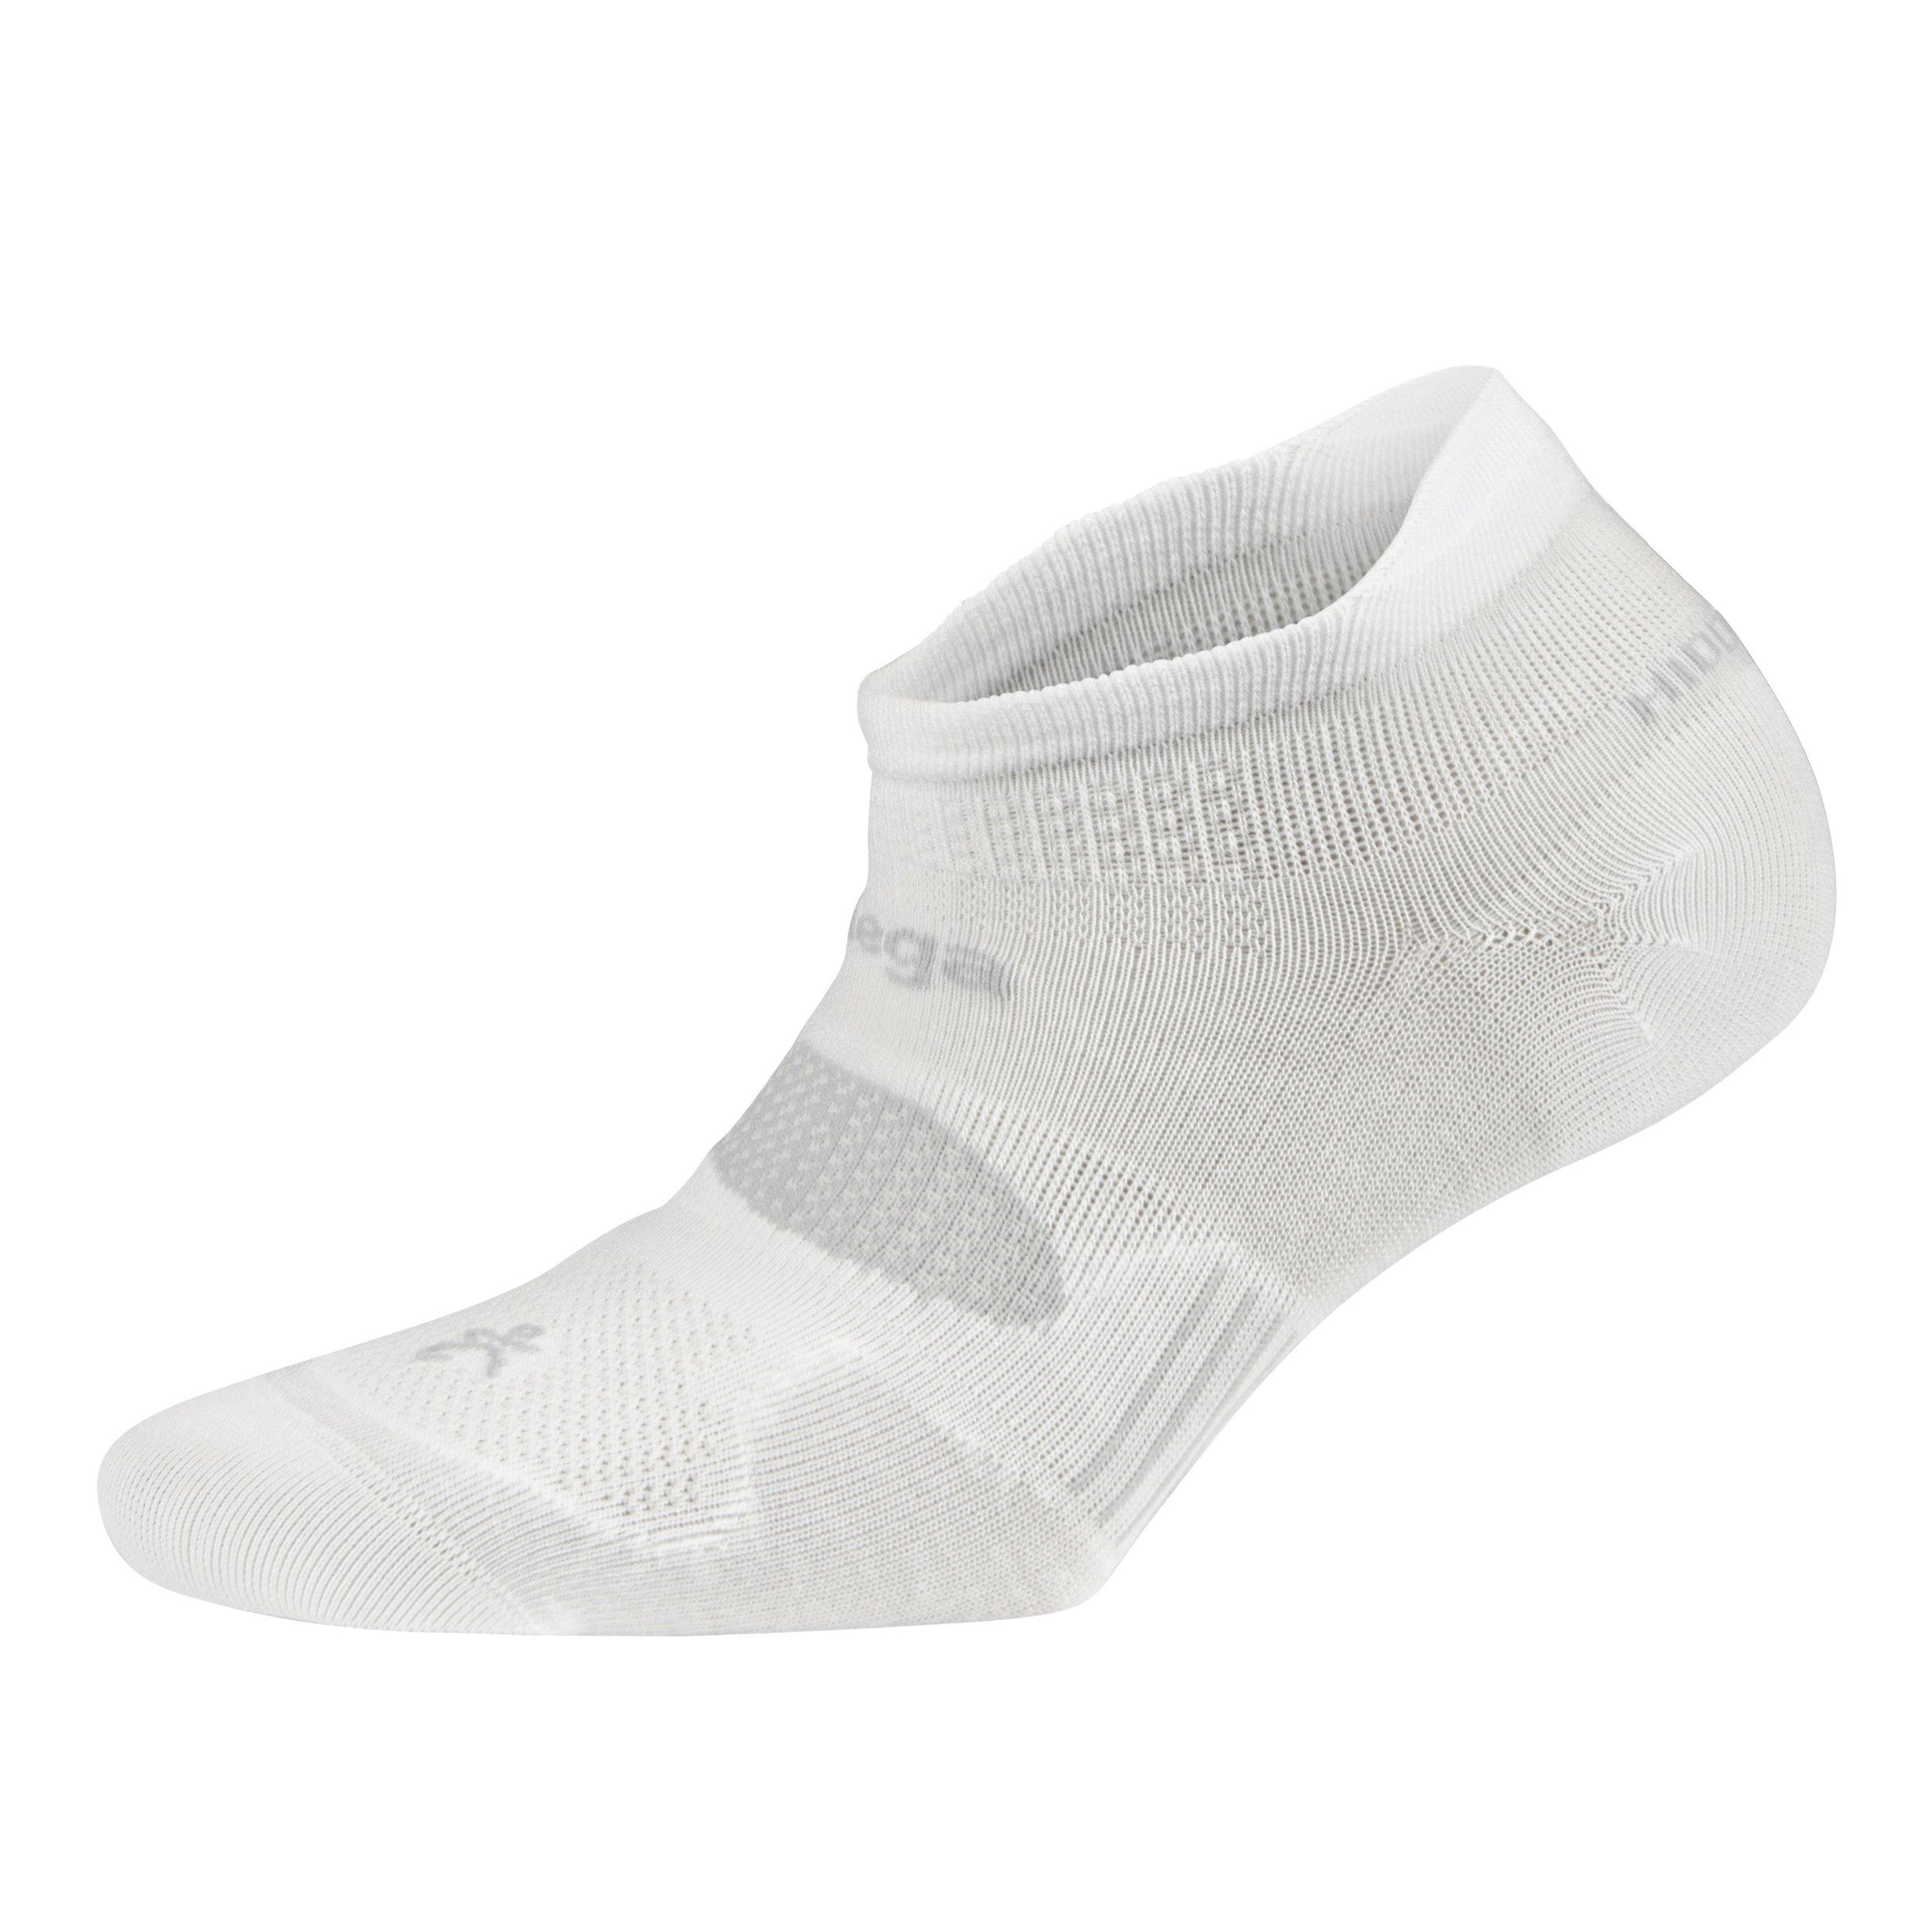 Balega Hidden Dry Moisture-Wicking Socks For Men and Women (1 Pair), White, X-Large by Balega